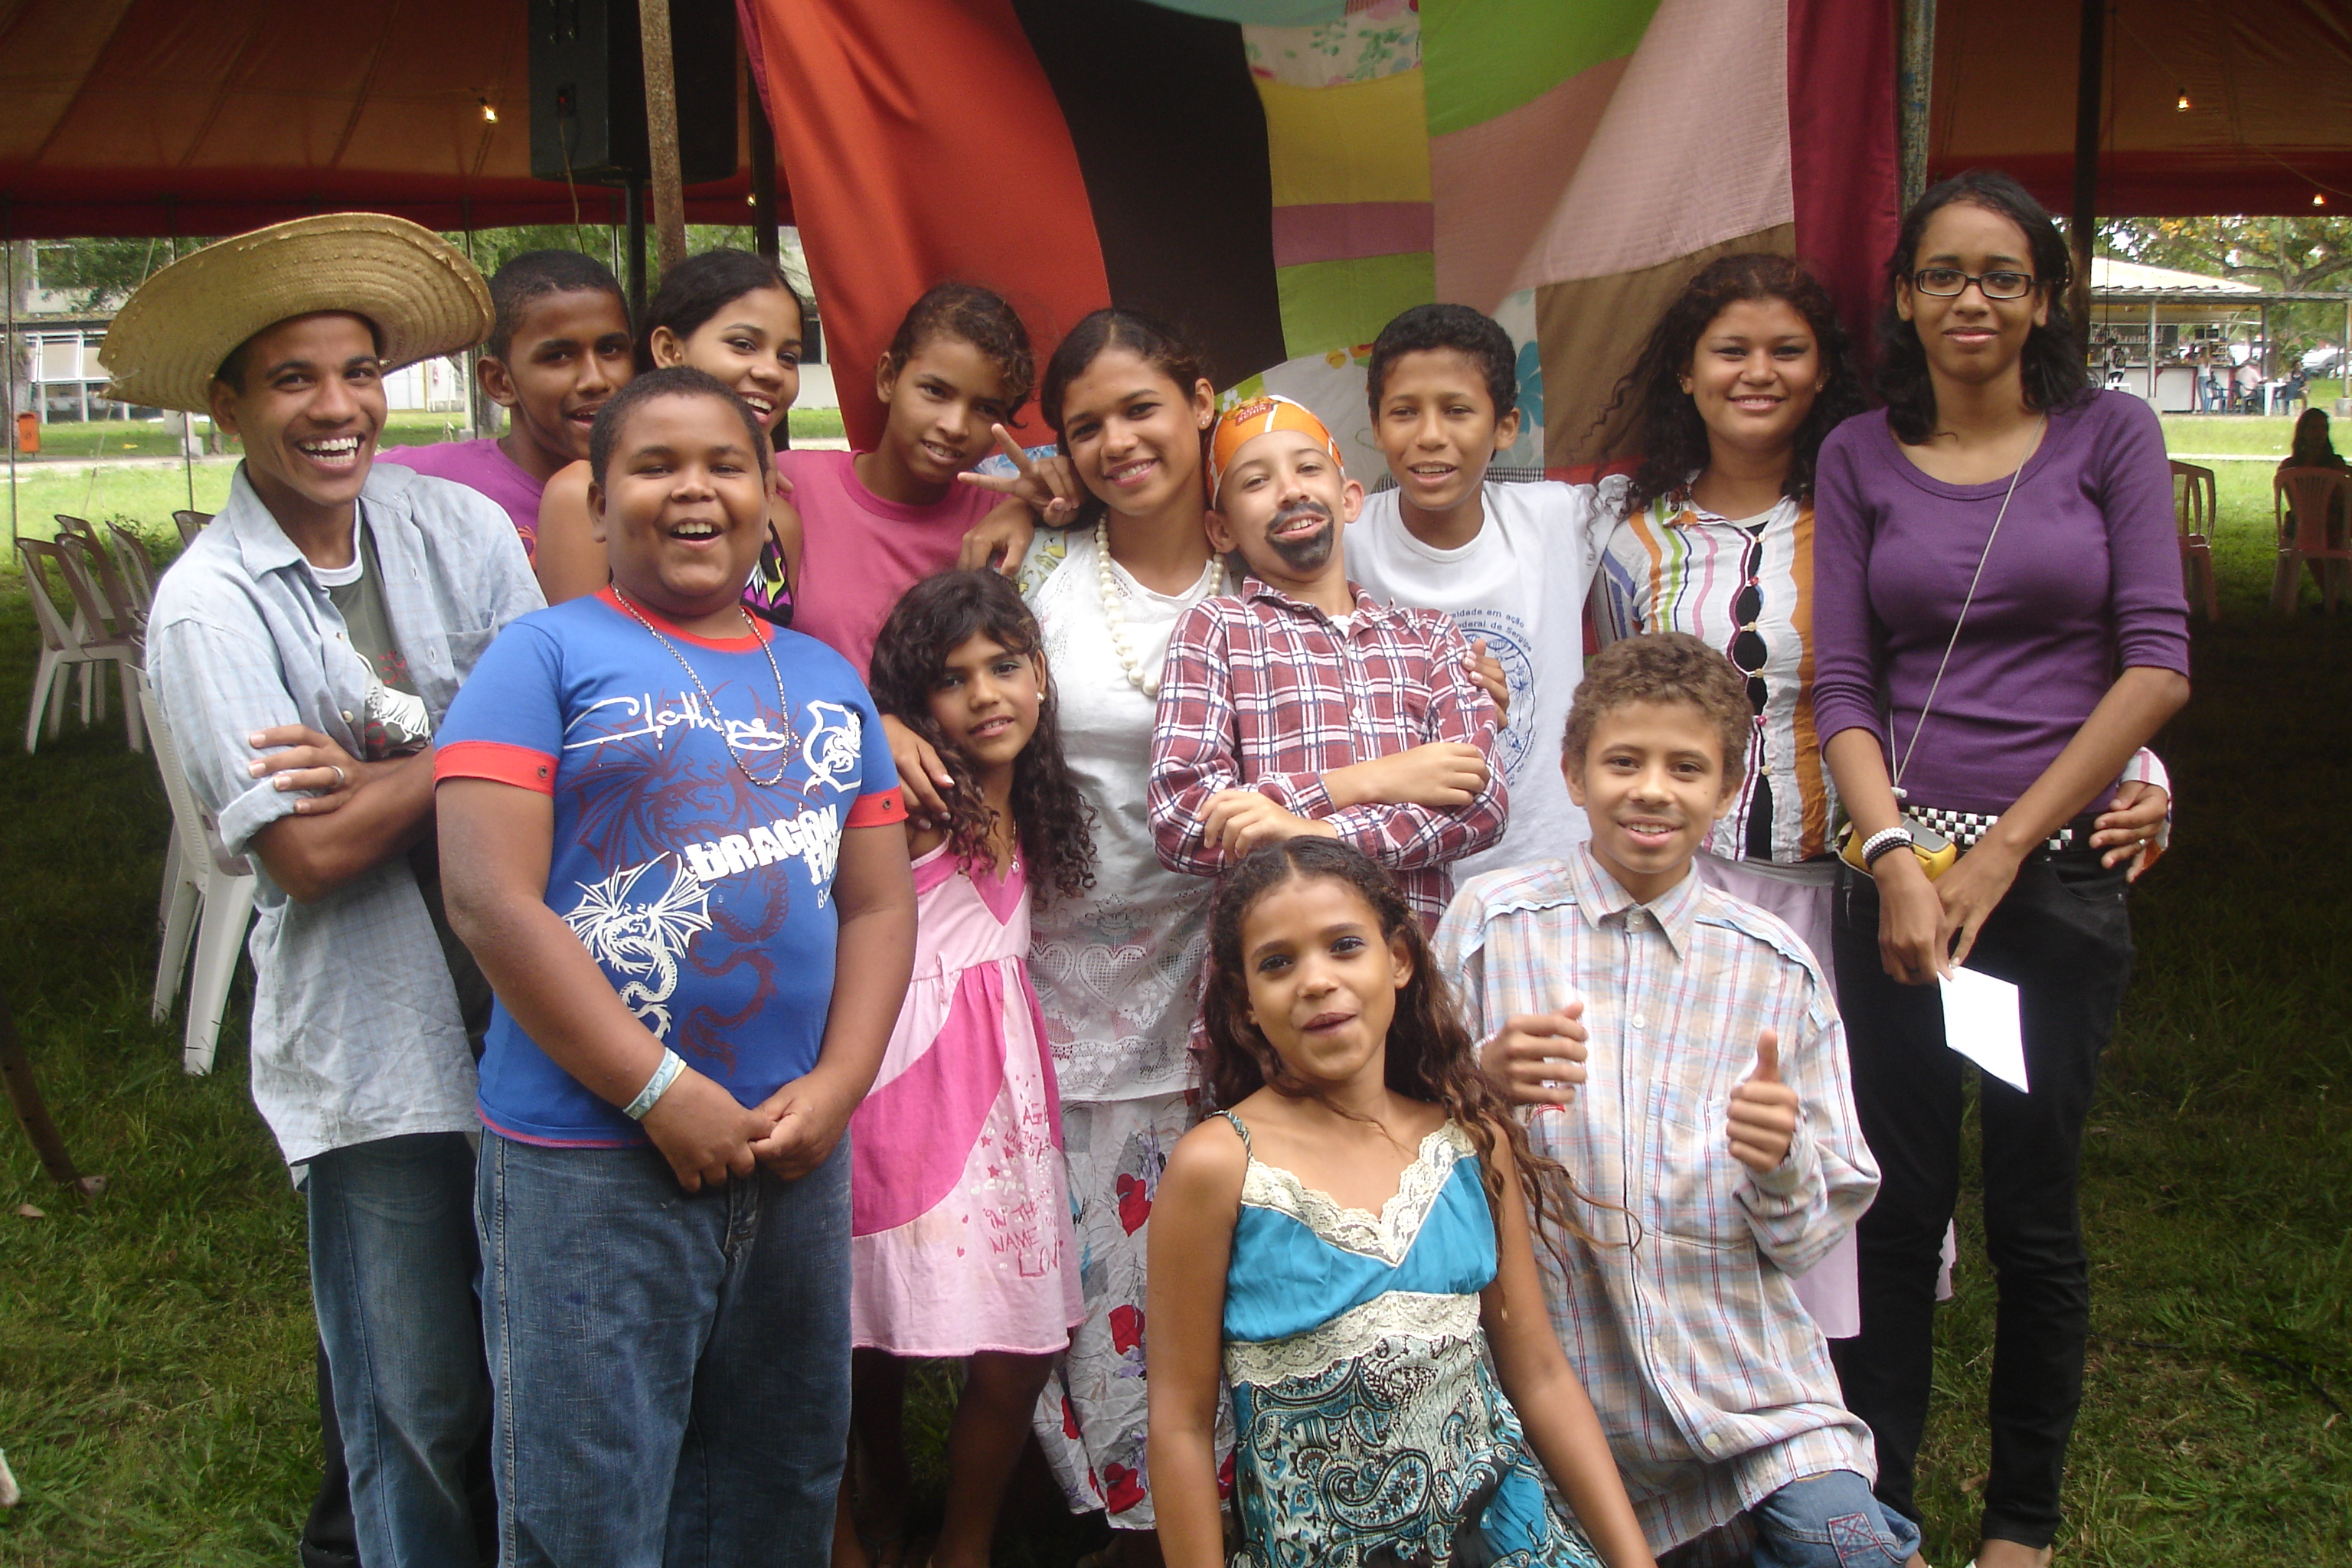 Equipe do CiênciArte após apresentação na I Bienal de I Bienal de Arte, Ciência e Cultura (DCE/UFS)